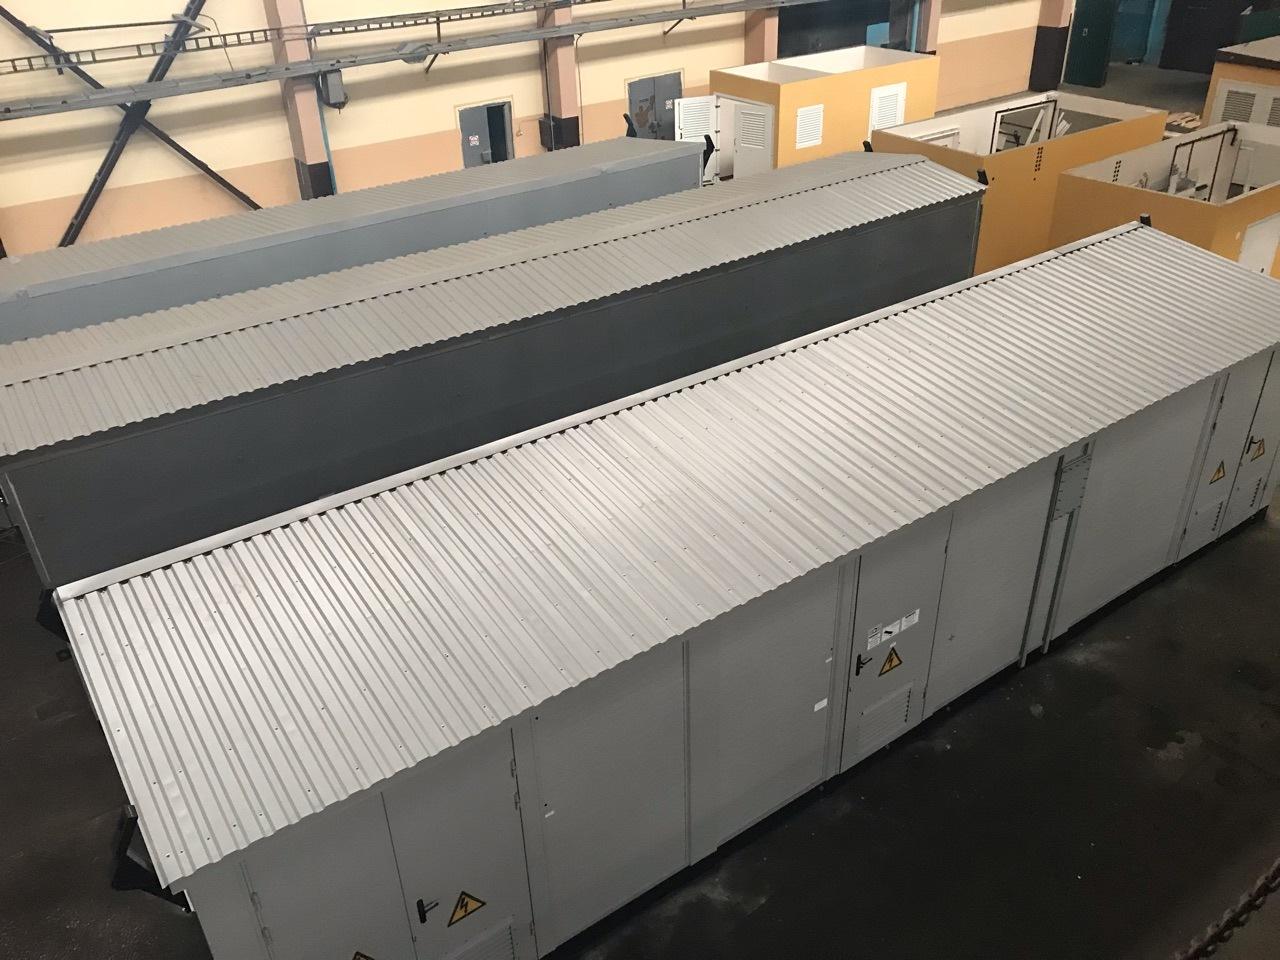 Трансформаторная подстанция в утепленной оболочке 2КТПУБ-630 для нужд ООО «Пурнефтепереработка» (в структуре НК «Роснефть»)